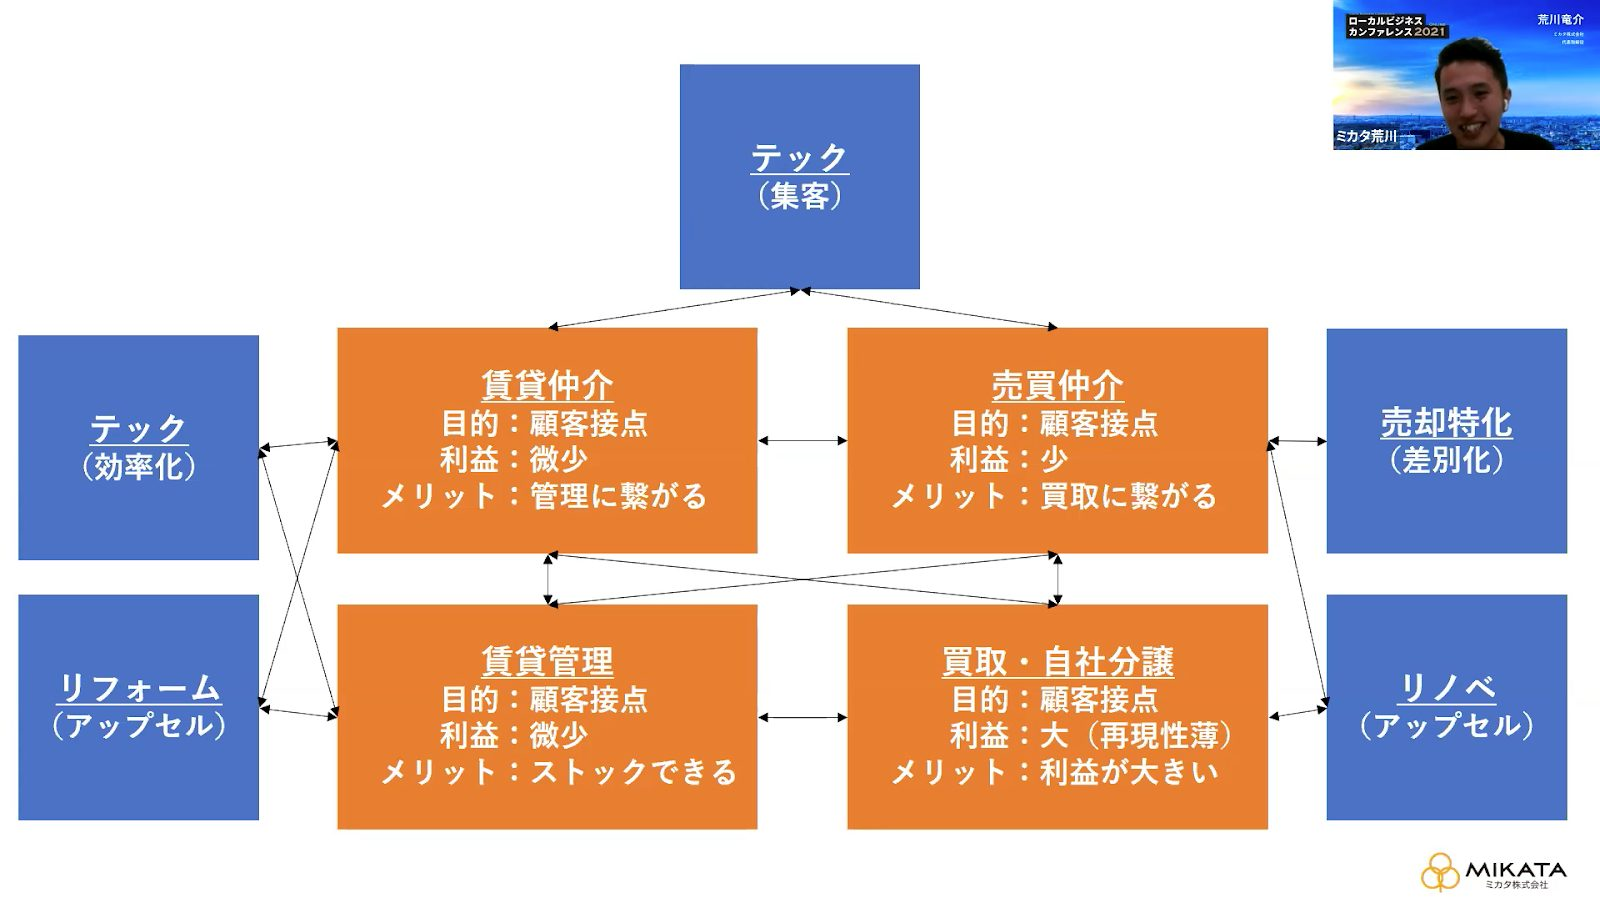 成功している不動産業界における企業の共通項とは_ローカルビジネスカンファレンス2021